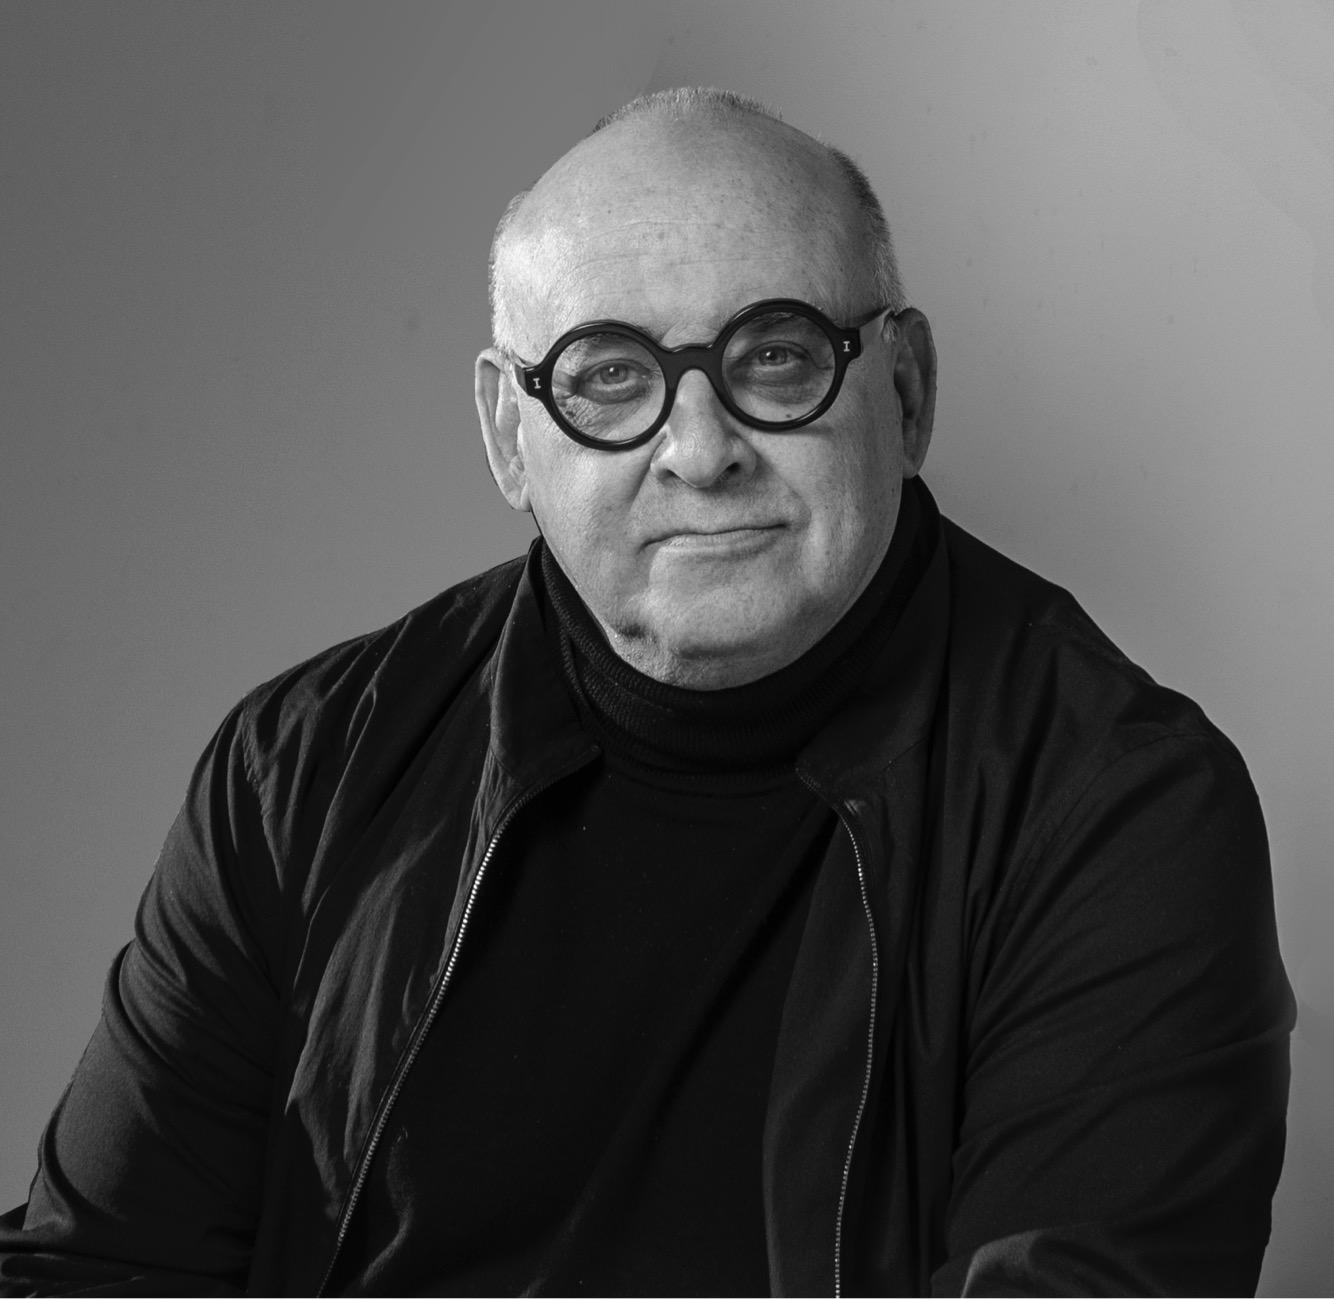 Архитектор Амир Манн. Фото: Илья Мельников